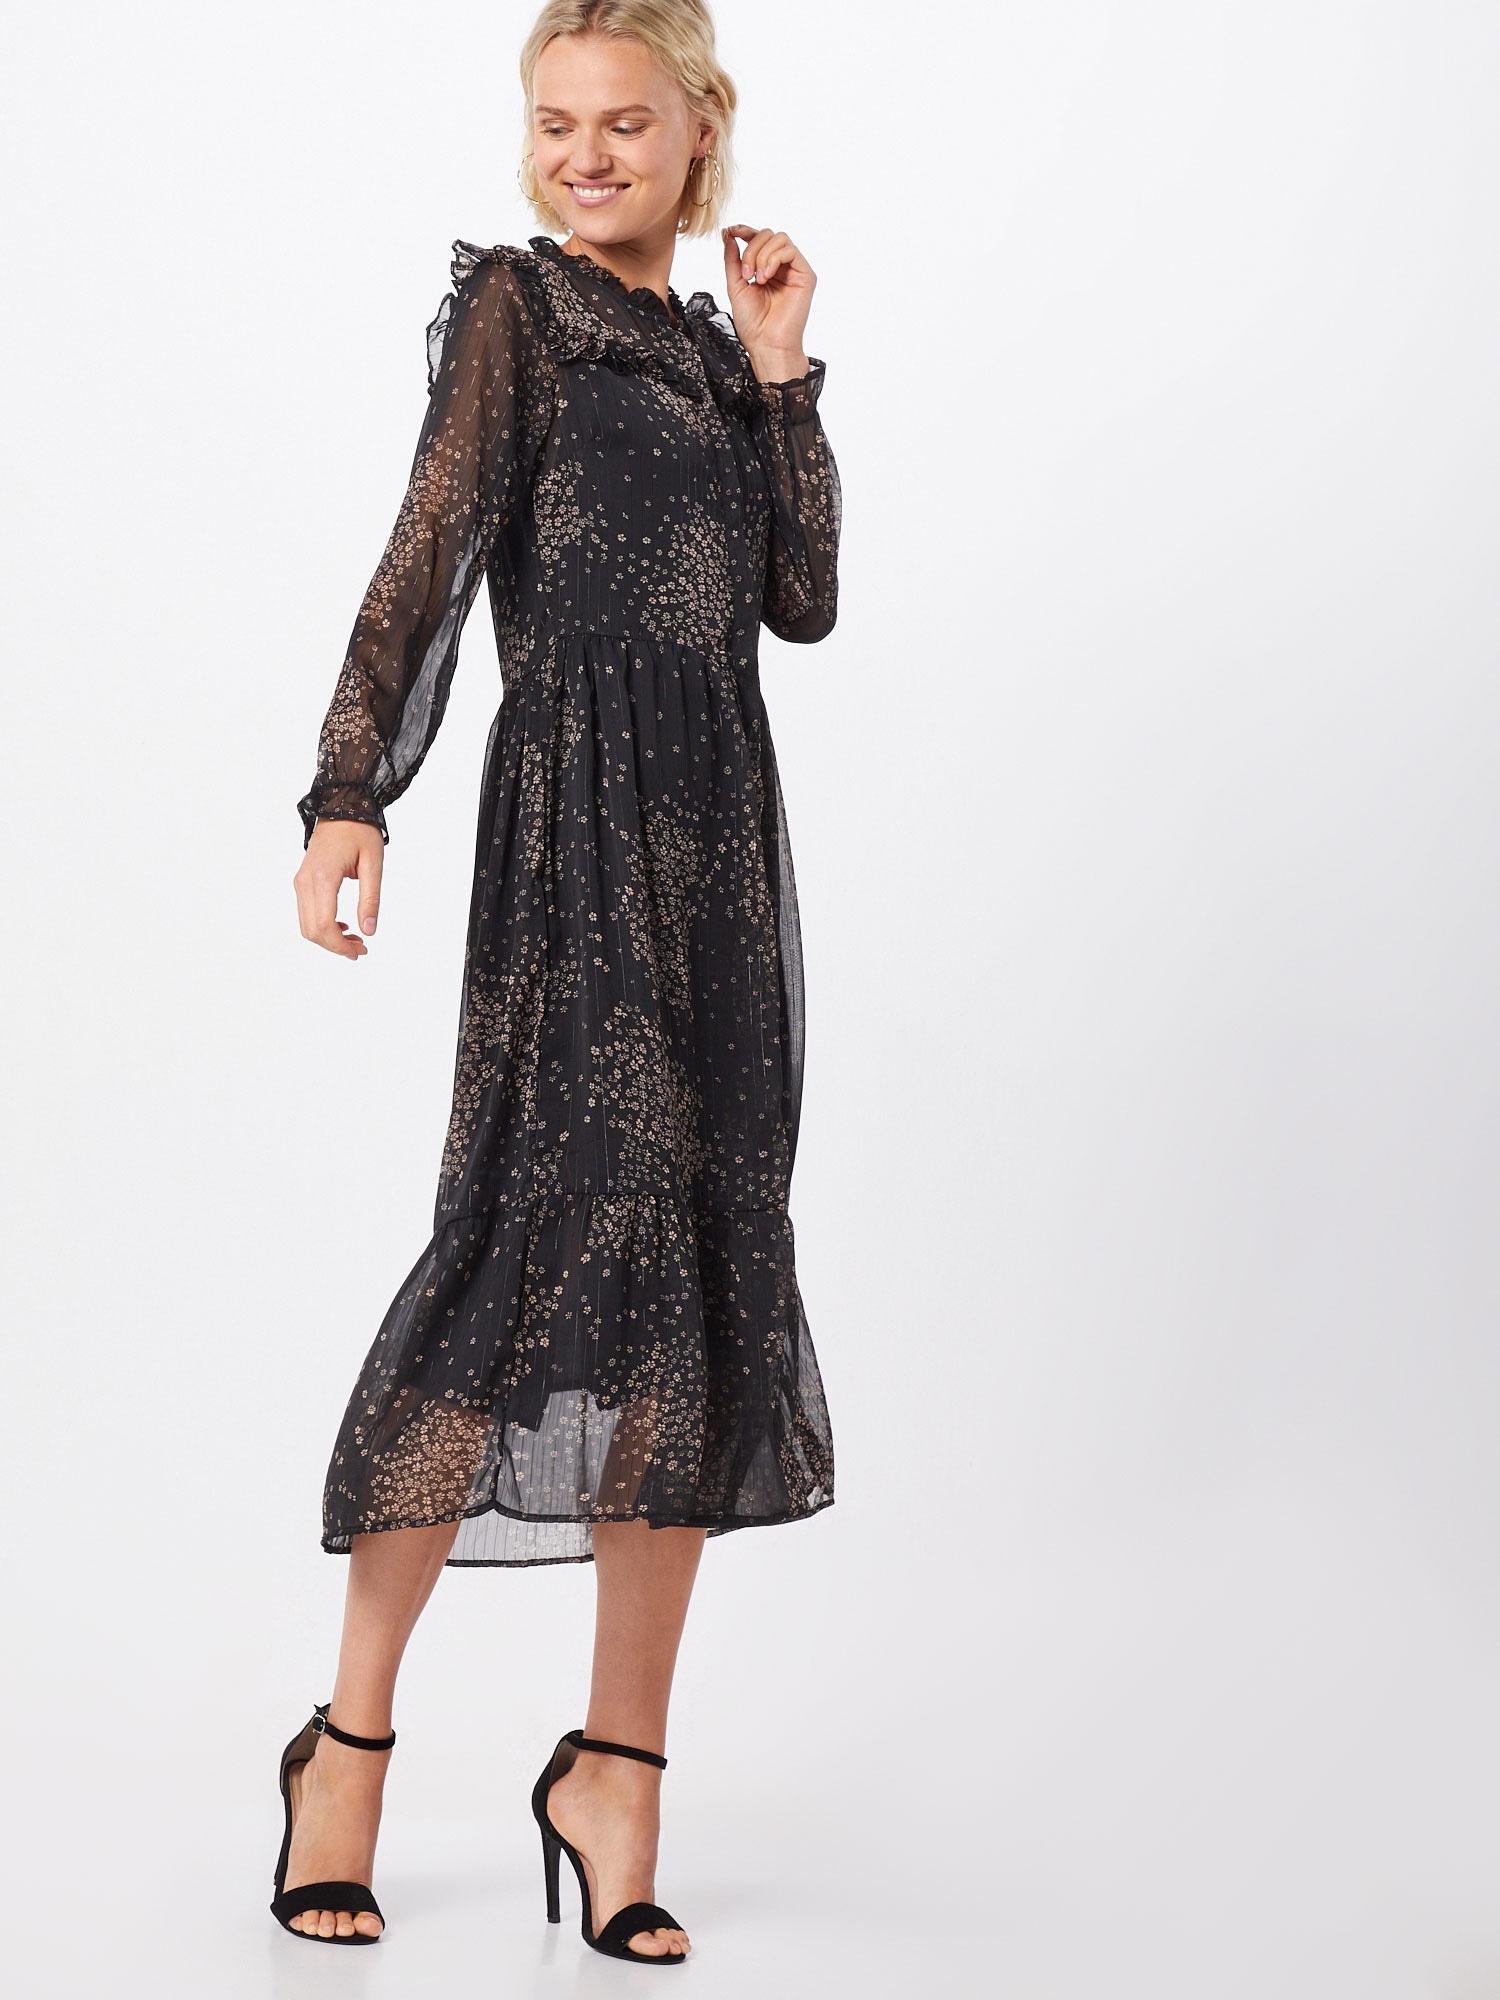 neo noir - Kleid 'Lena Printed Dress'